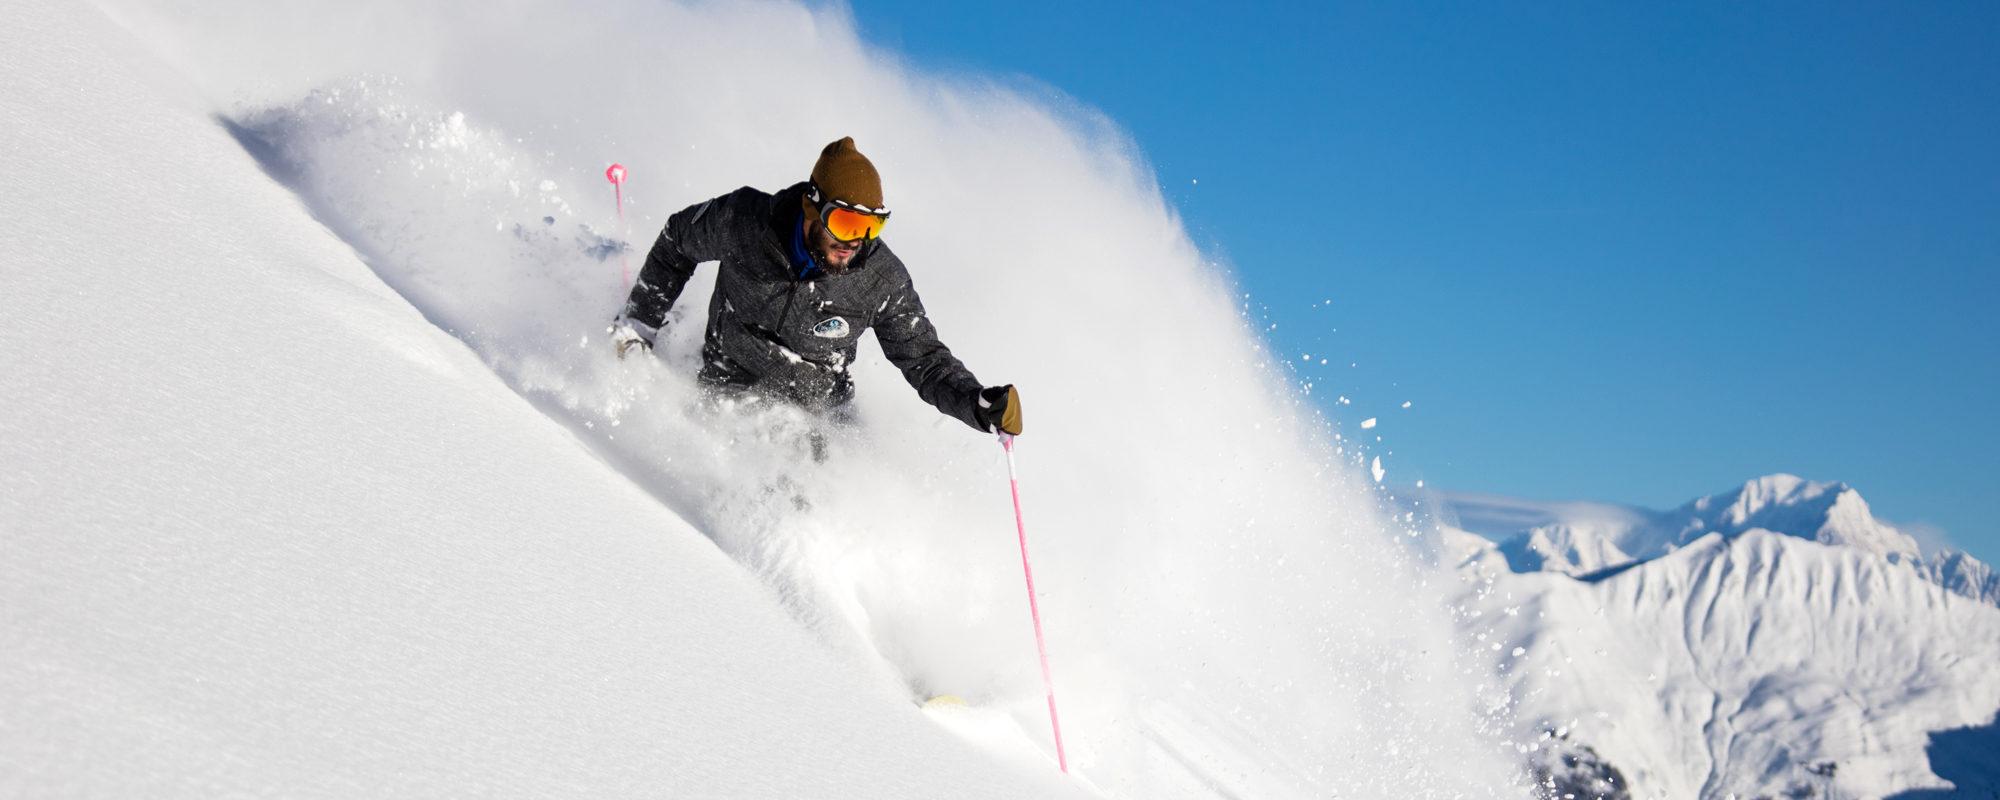 фотограф в Куршевеле, на горнолыжных Kурортах 3х Долин